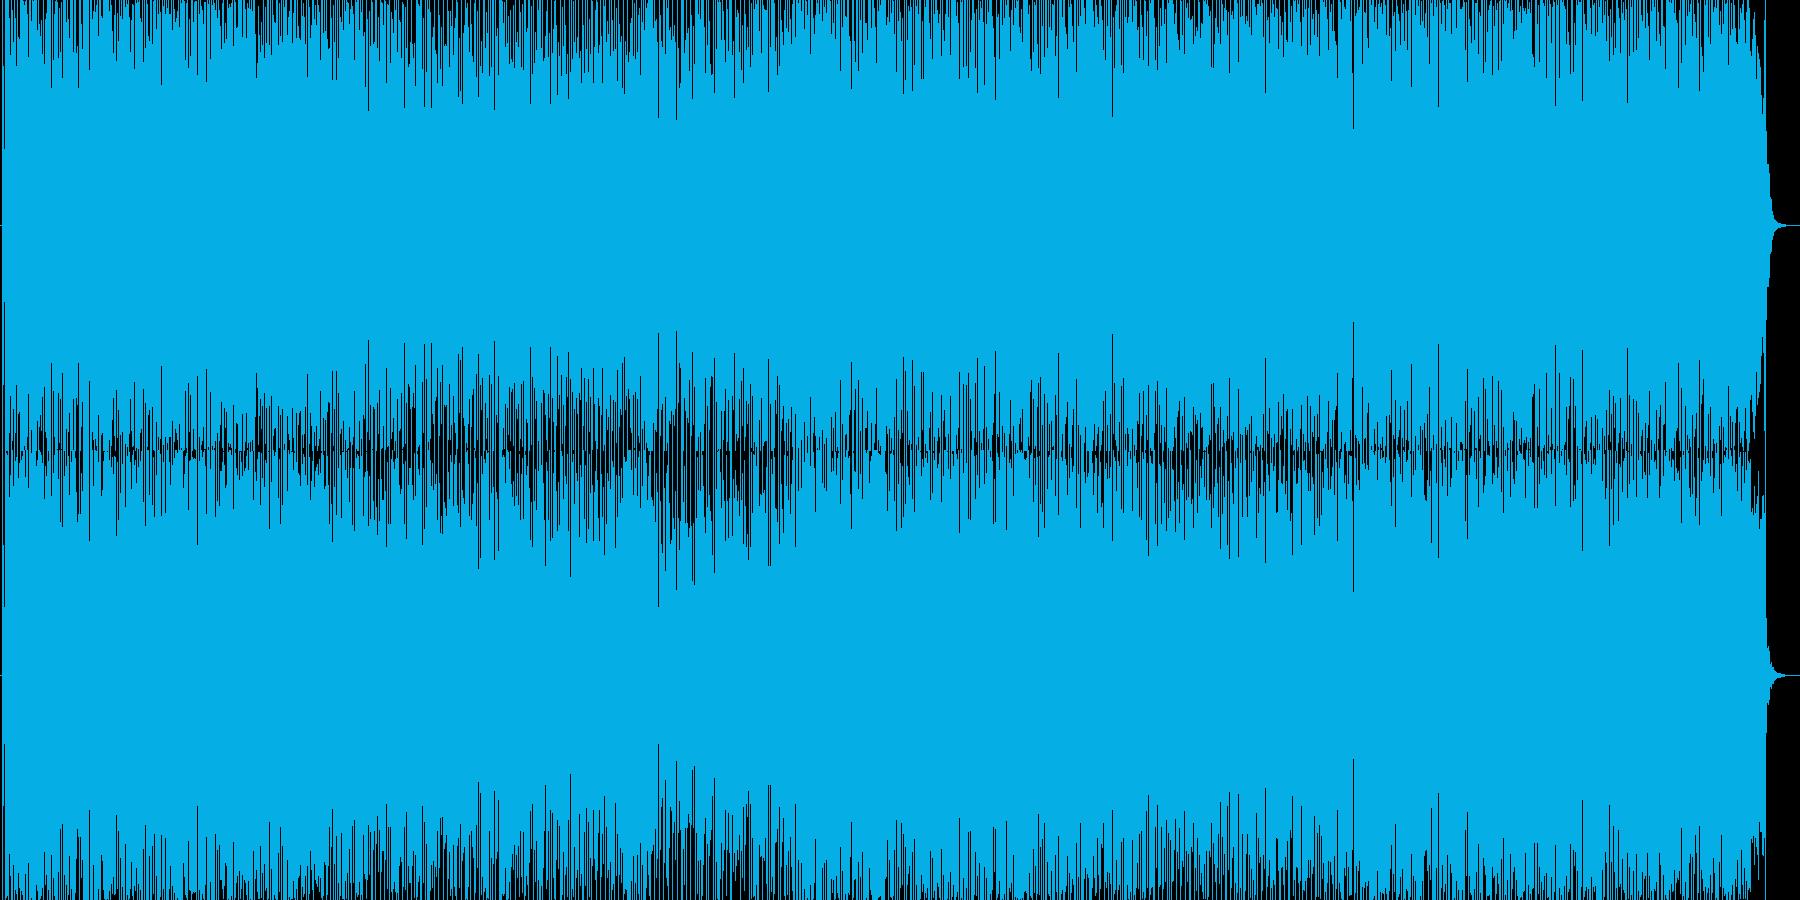 ミドルテンポな明るいポップスナンバーの再生済みの波形